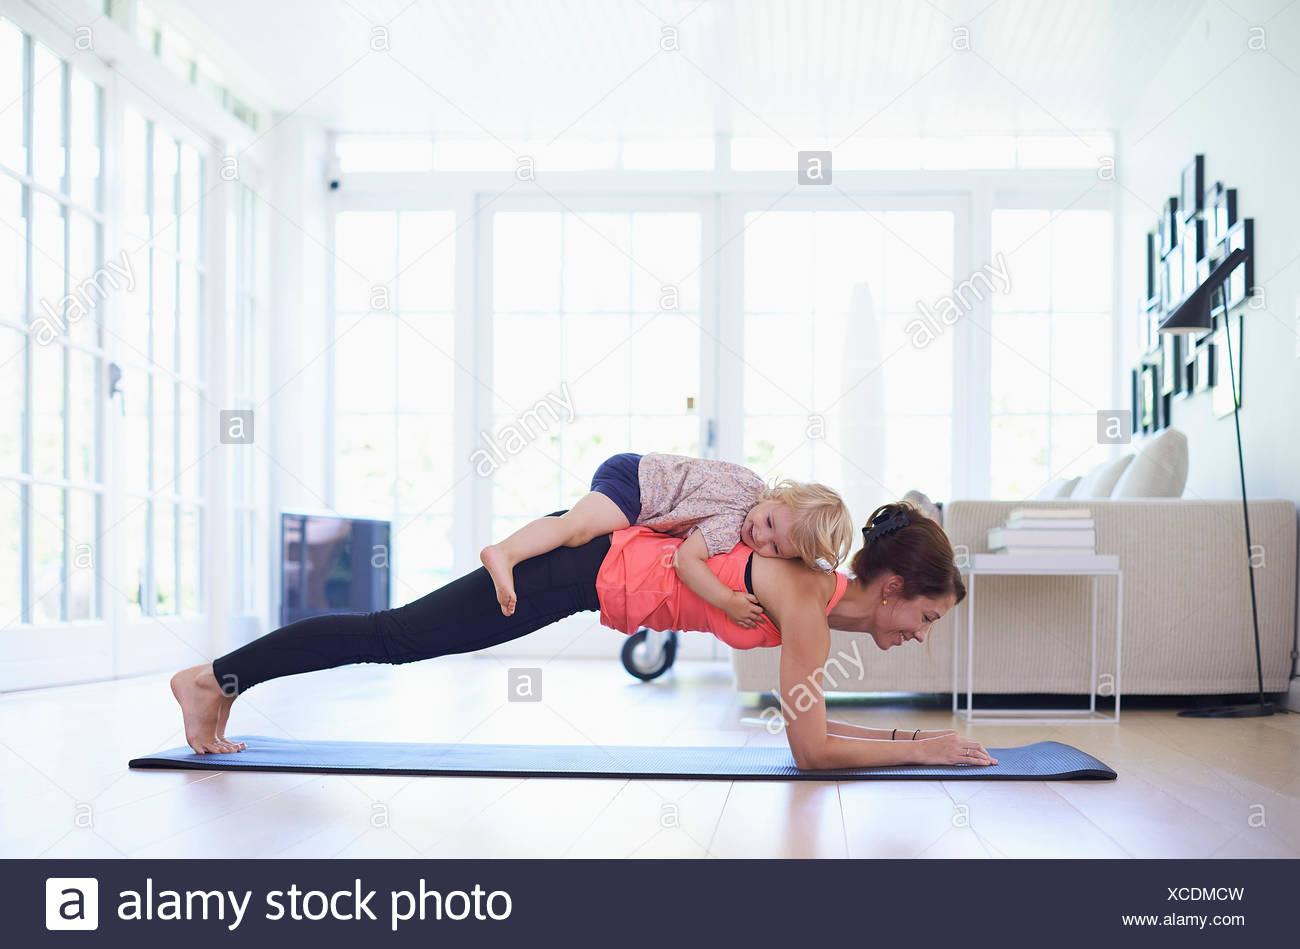 A mediados madre adulta practicando yoga con un niño pequeño en la parte superior de su hija Imagen De Stock